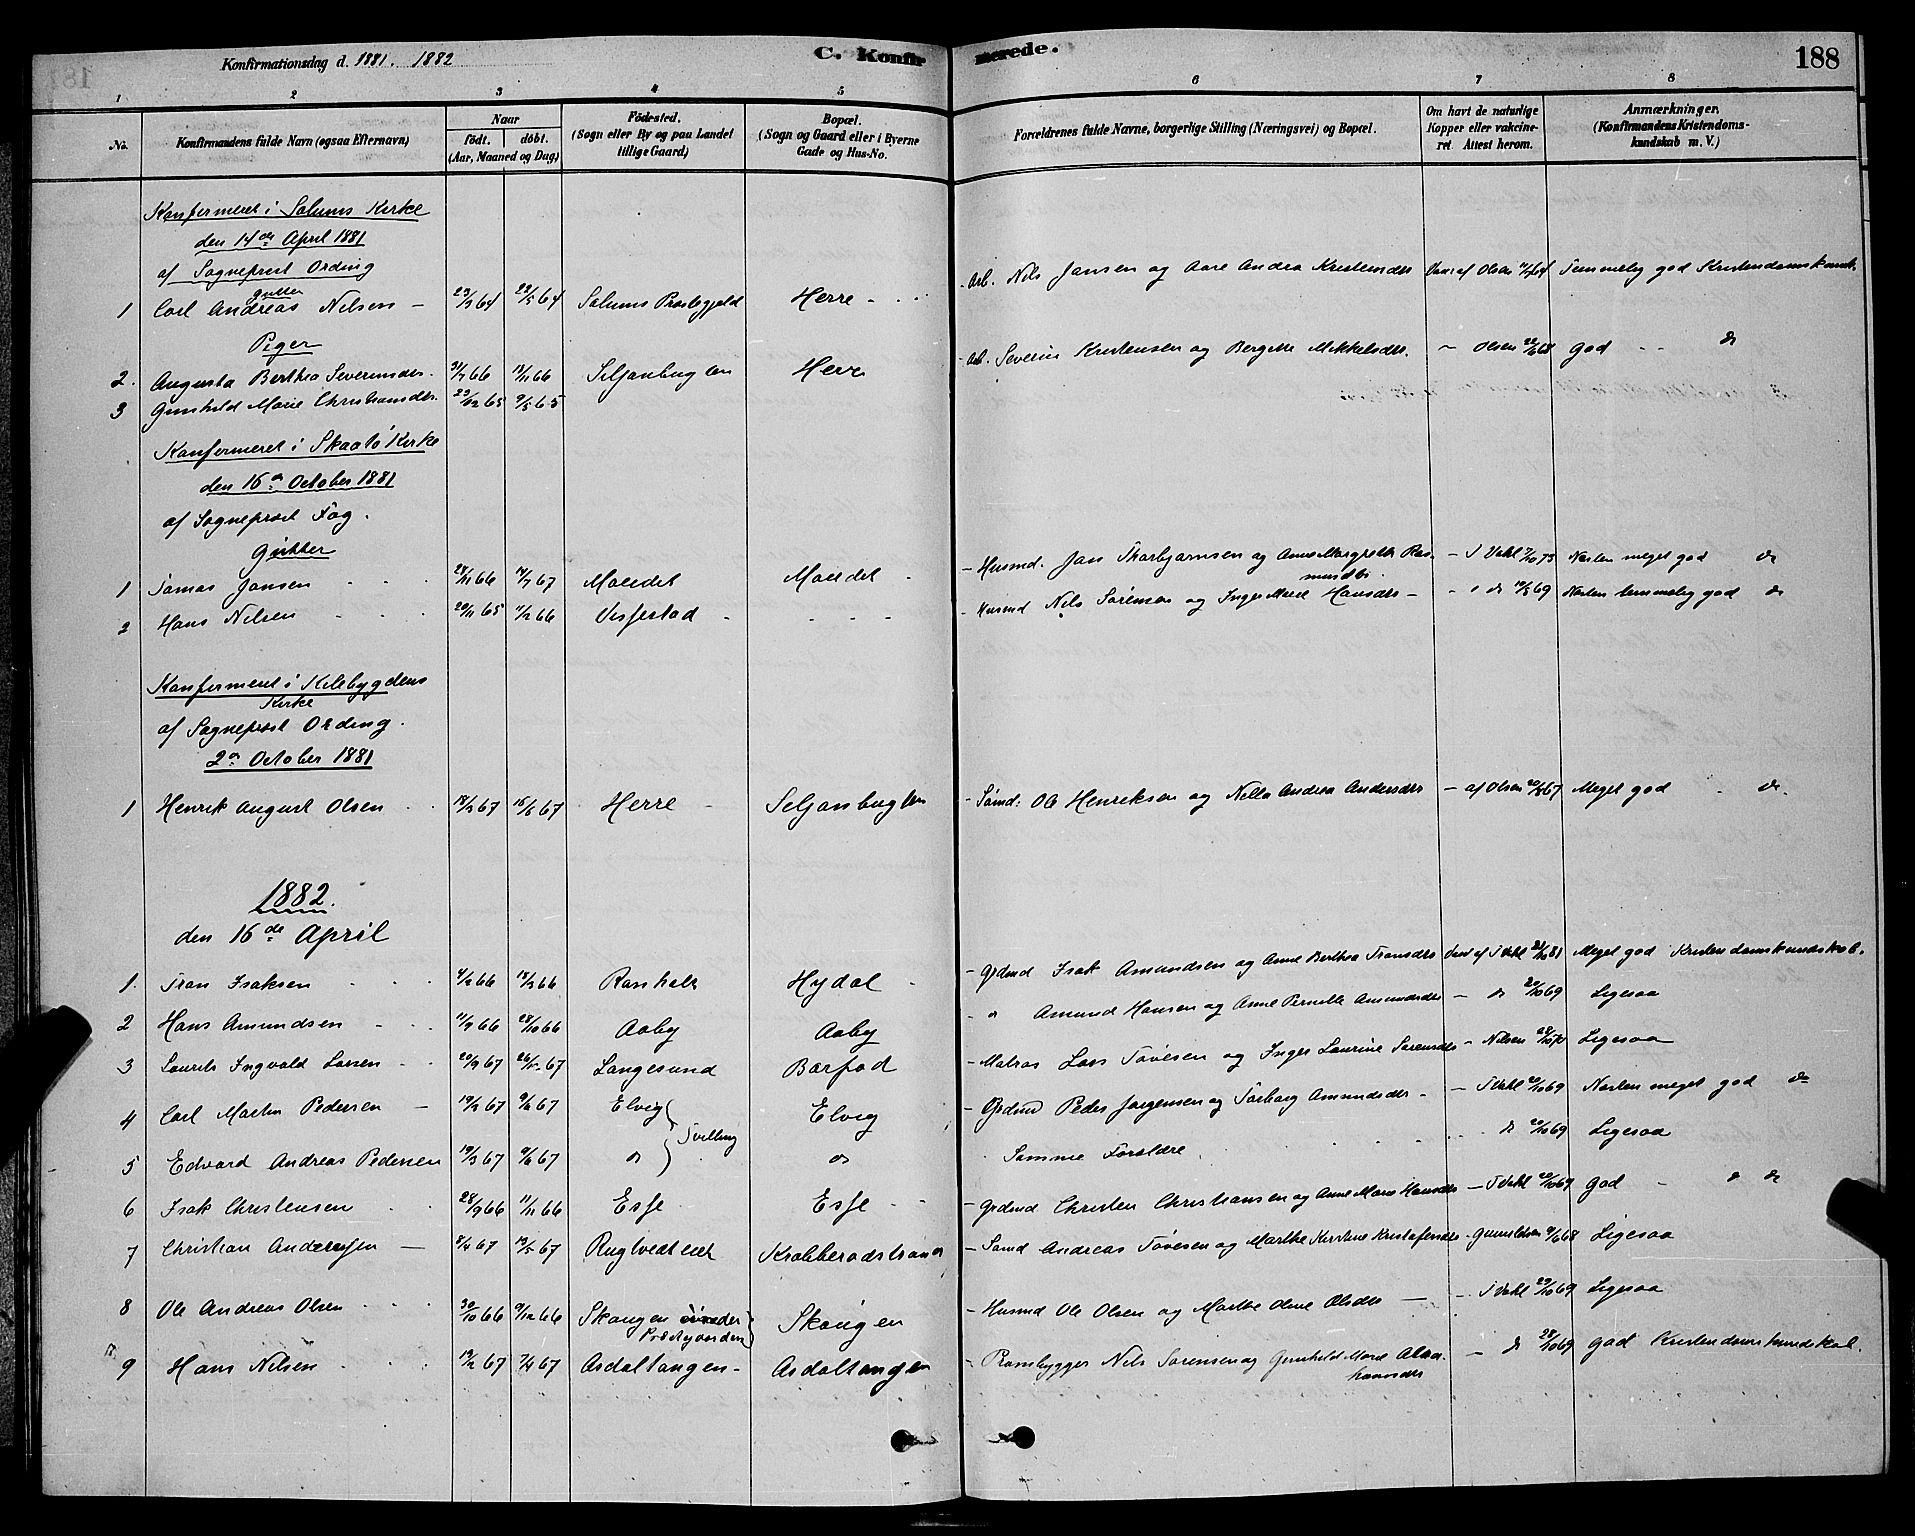 SAKO, Bamble kirkebøker, G/Ga/L0008: Klokkerbok nr. I 8, 1878-1888, s. 188